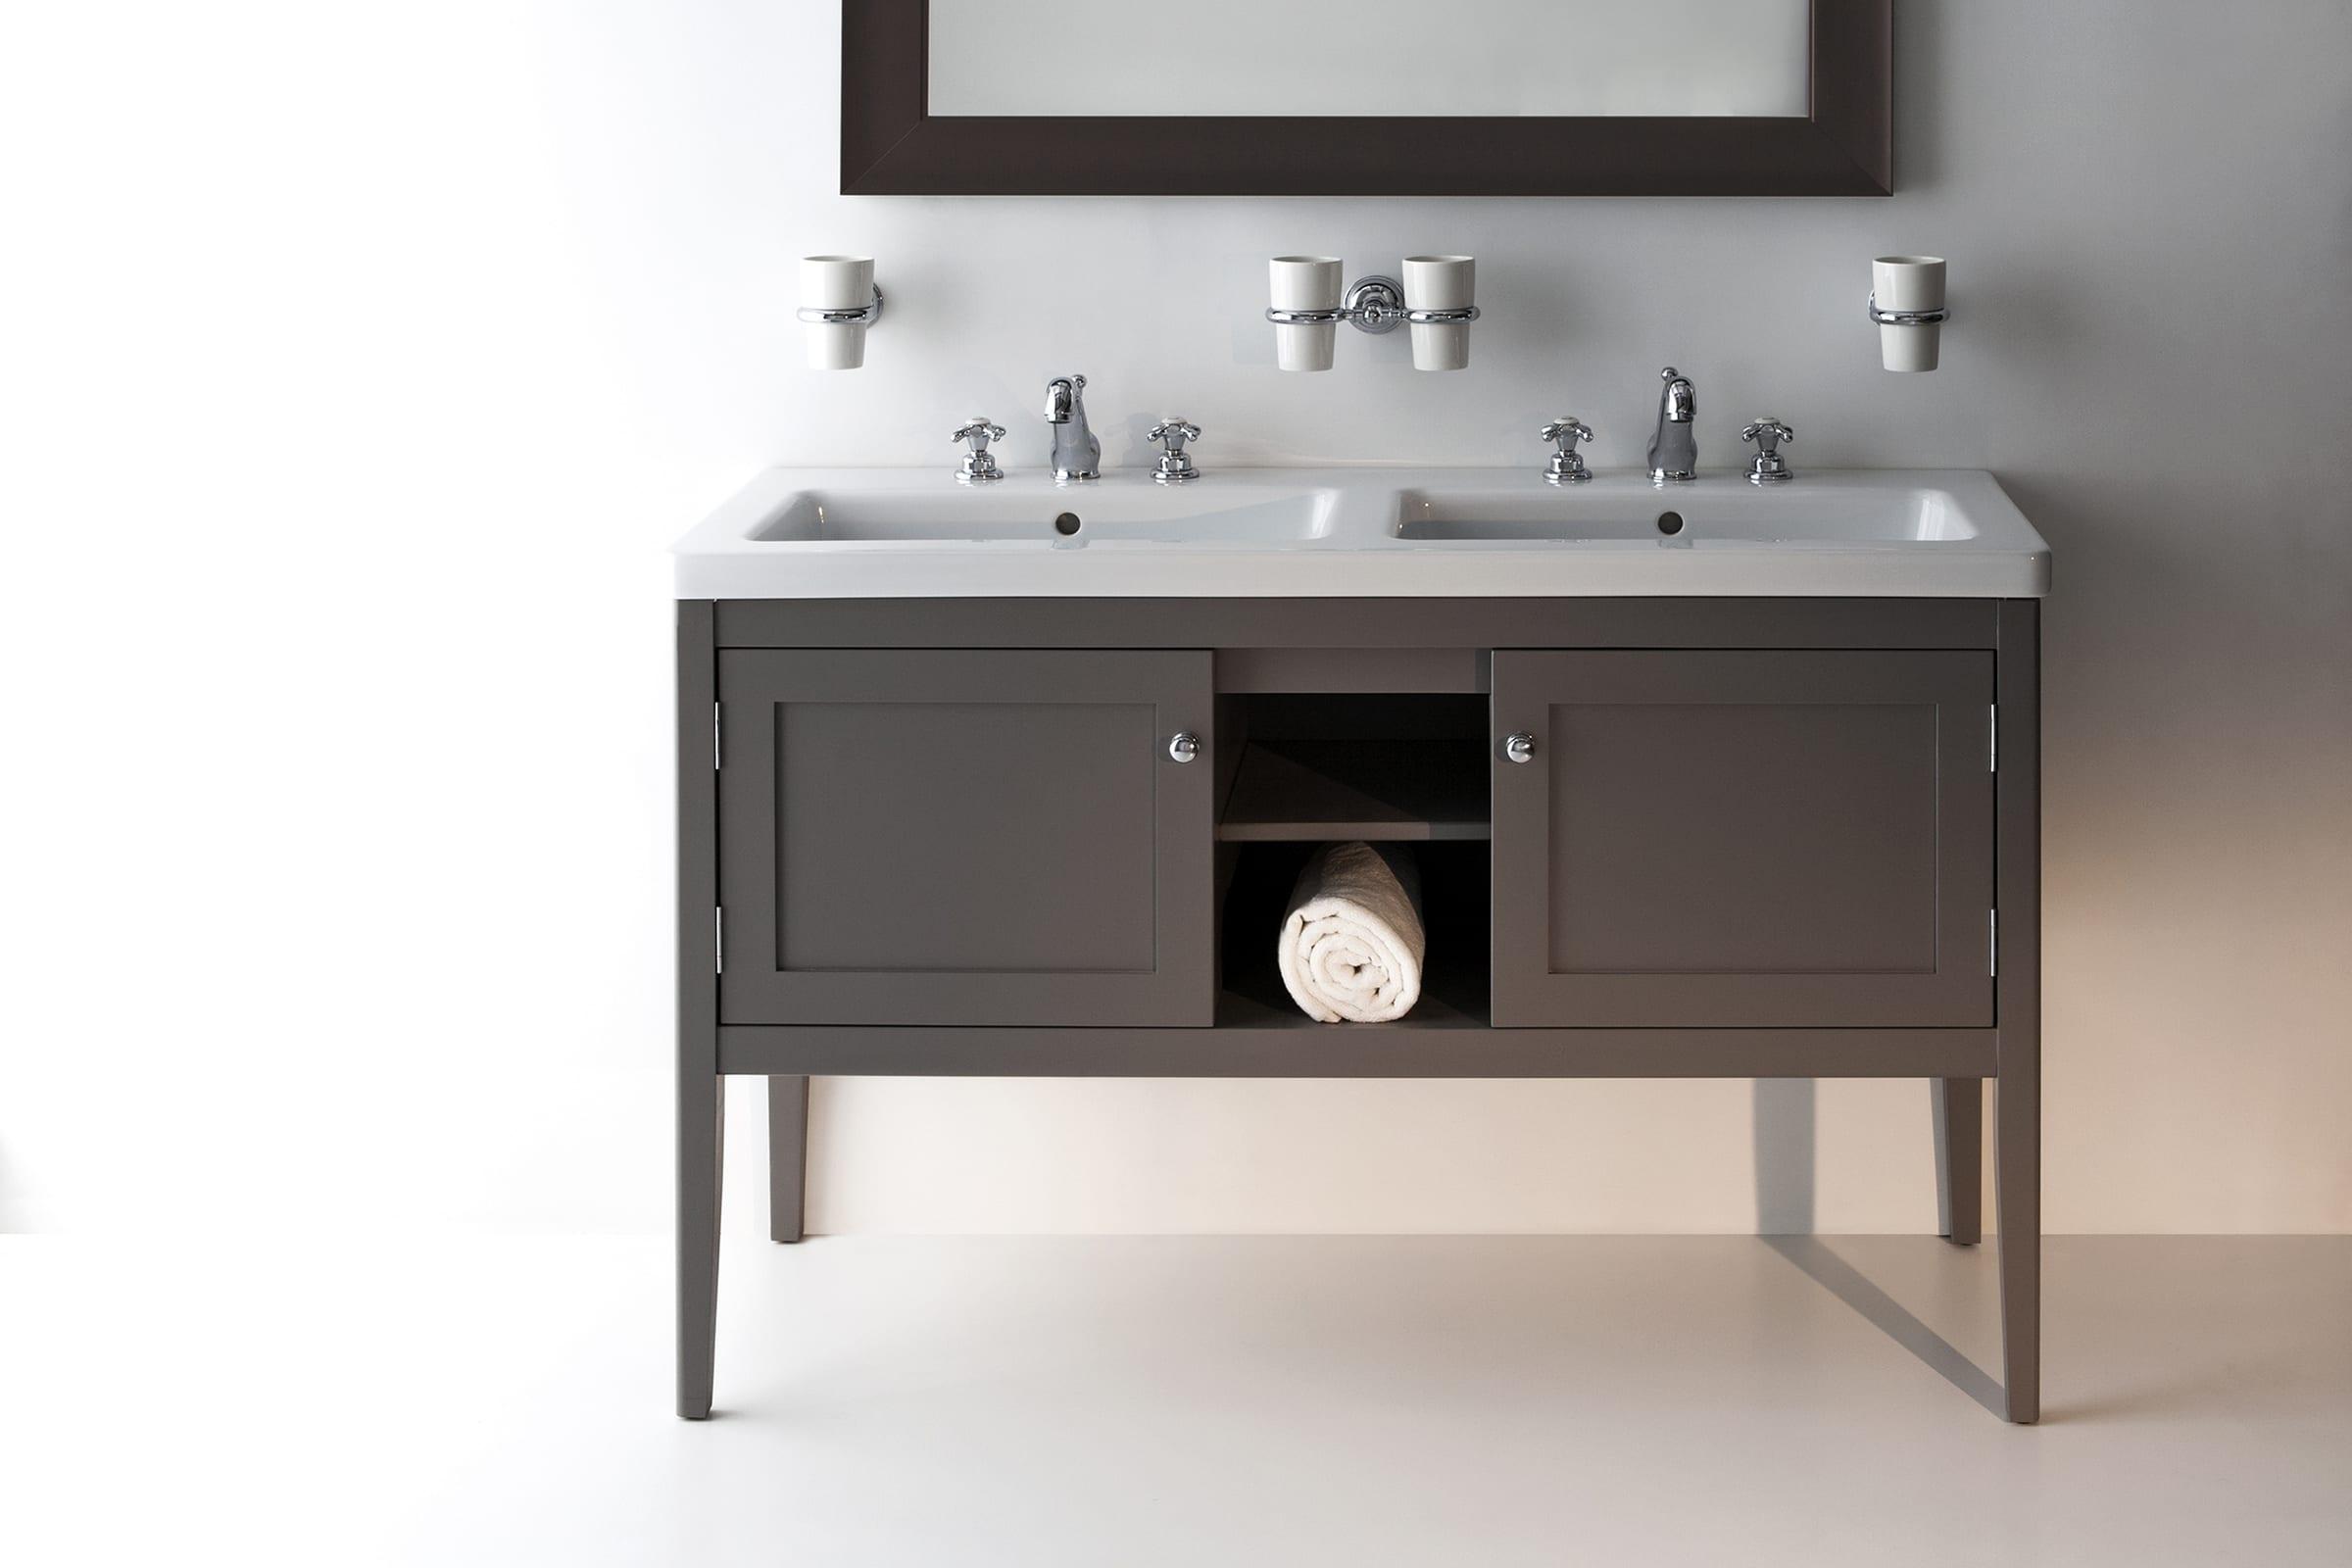 arrezzi bathroom vanity cupboards